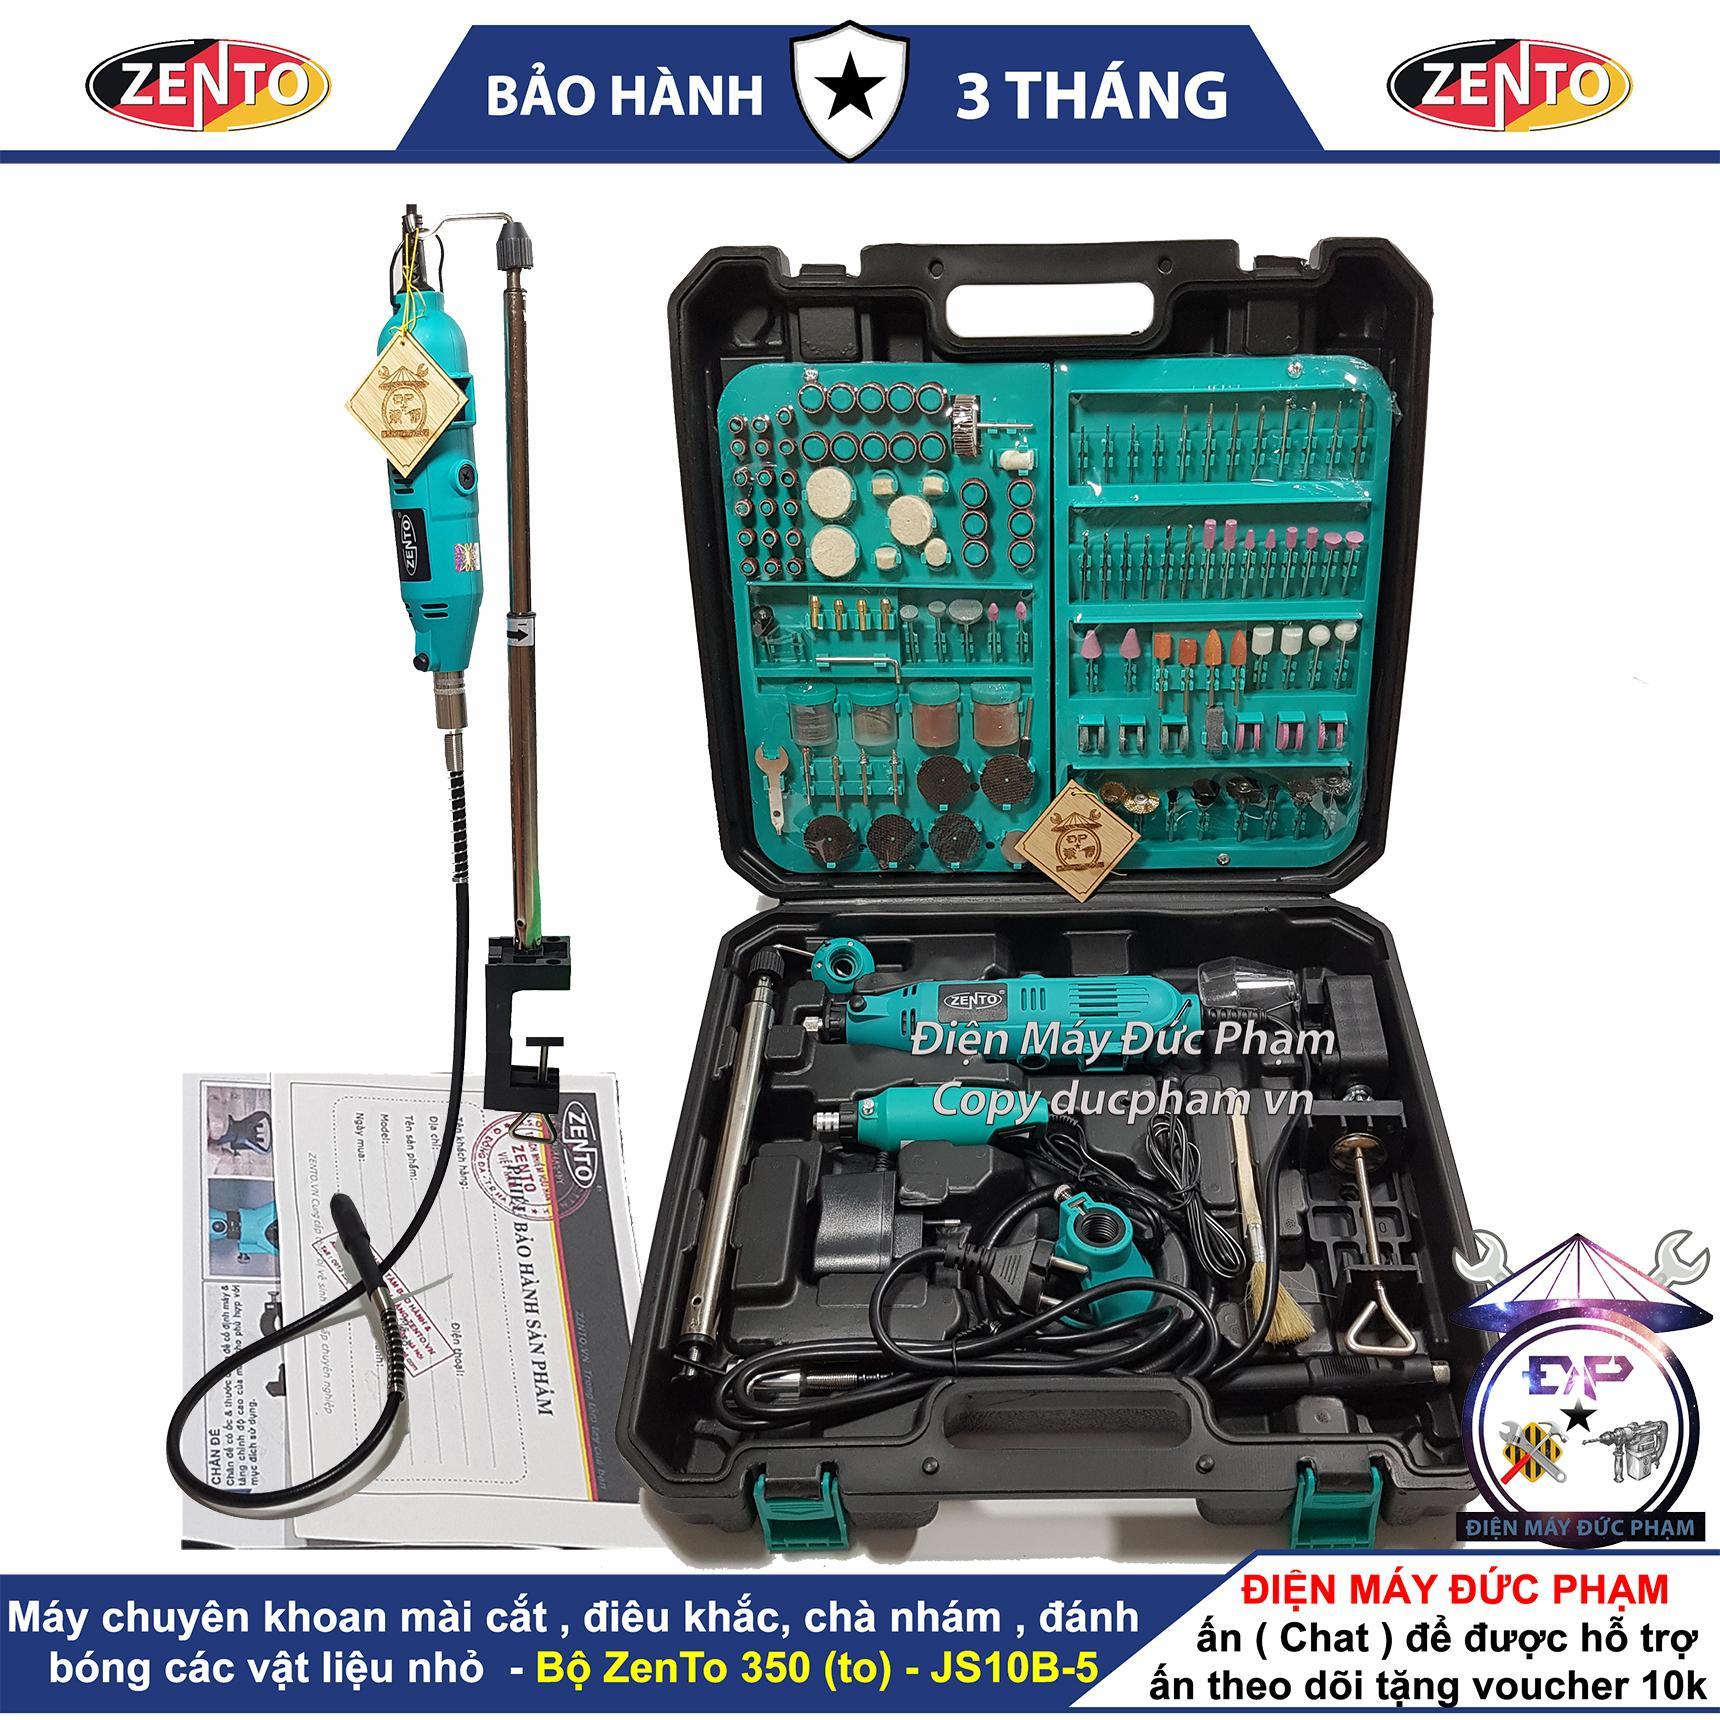 Bộ Máy Khoan Mài Khắc Đa Năng Zento ( công ty ) 350 chi tiết JS10B-5